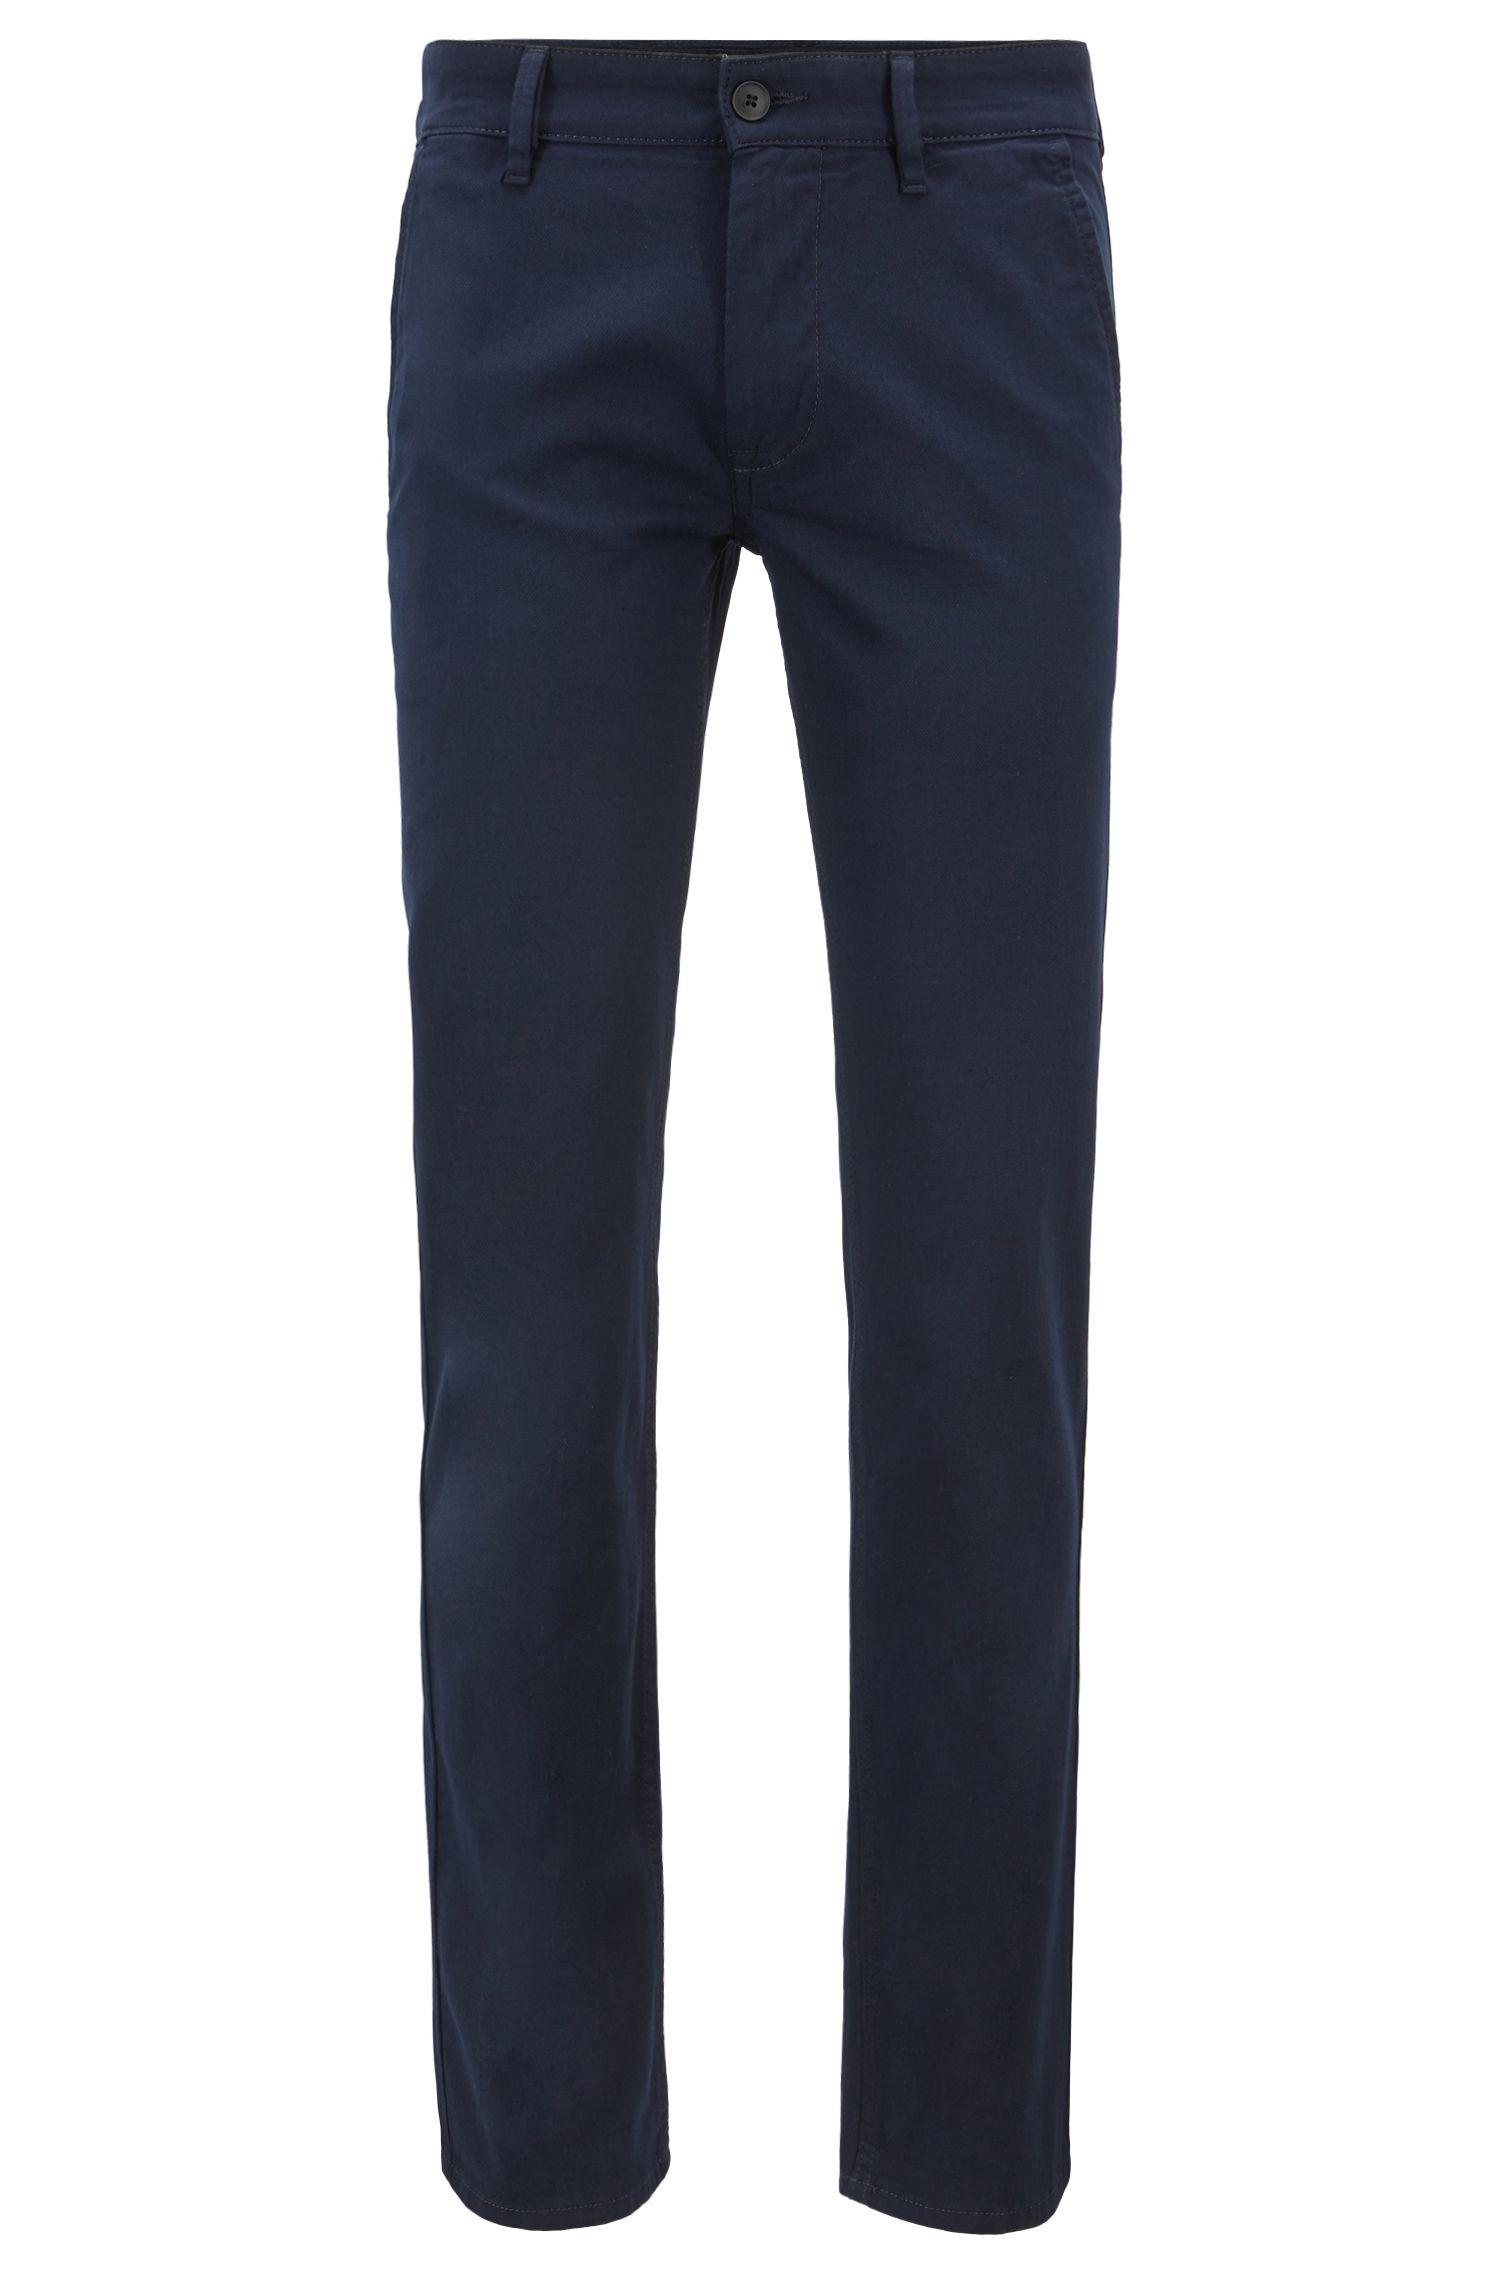 Pantalon Slim Fit surteint avec doubles passants, Bleu foncé